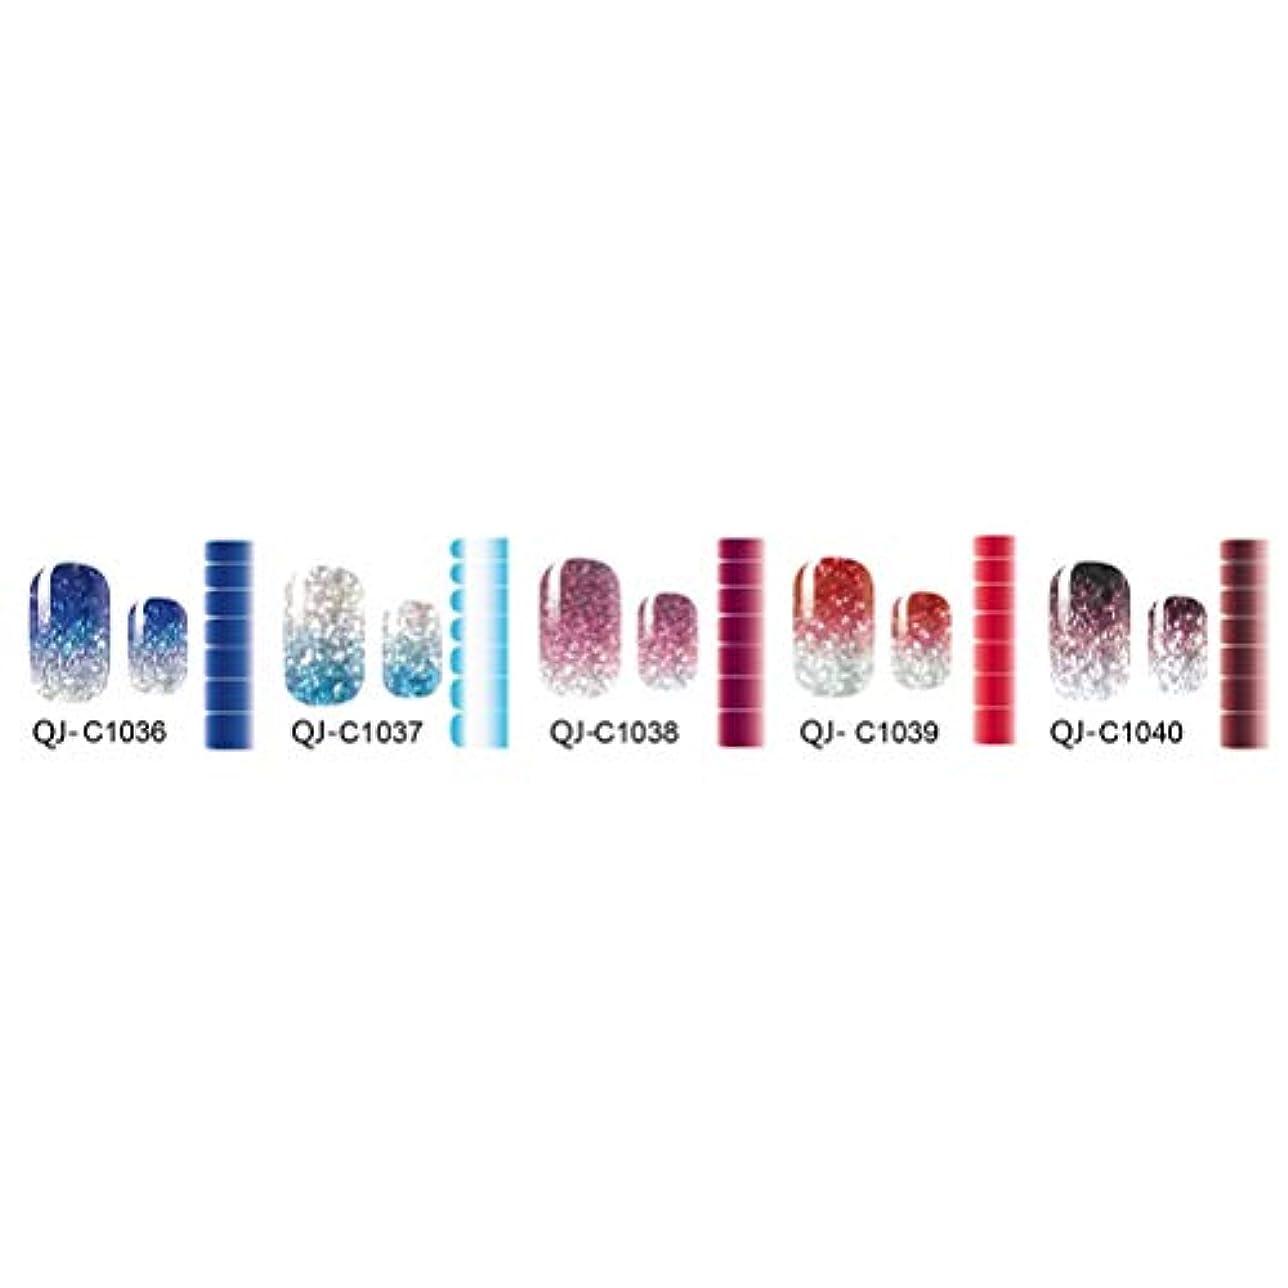 宣伝ブロッサム長老Beaupretty 5枚フルネイルアートポーランドステッカーシニーグリッターデザインネイルポリッシュラップストリップ用女性女の子